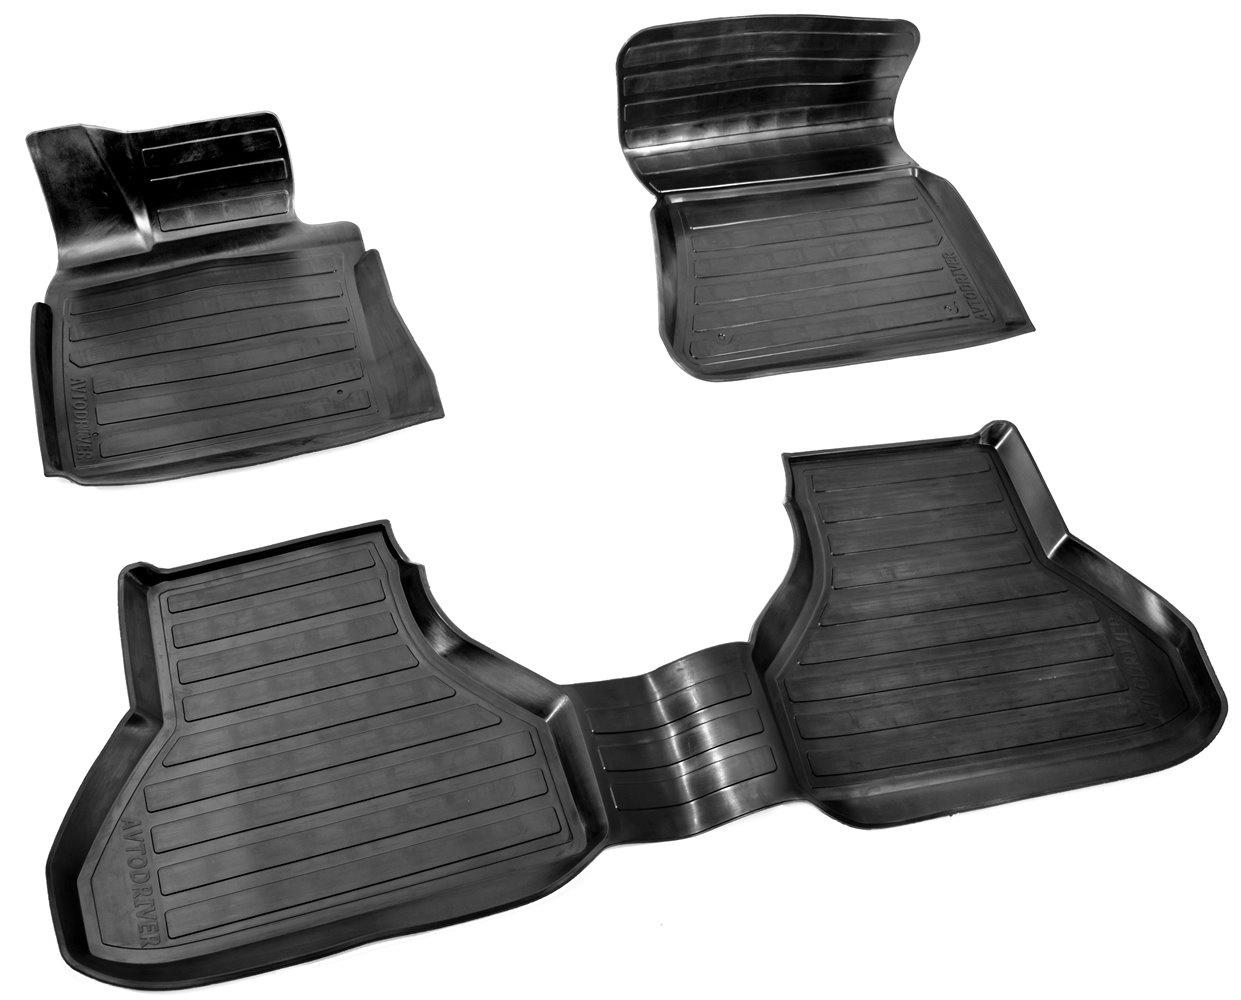 лучшая цена Коврики в салон автомобиля Avtodriver резиновые с бортиком для BMW X5 (2007-2013), ADRAVG103, черный